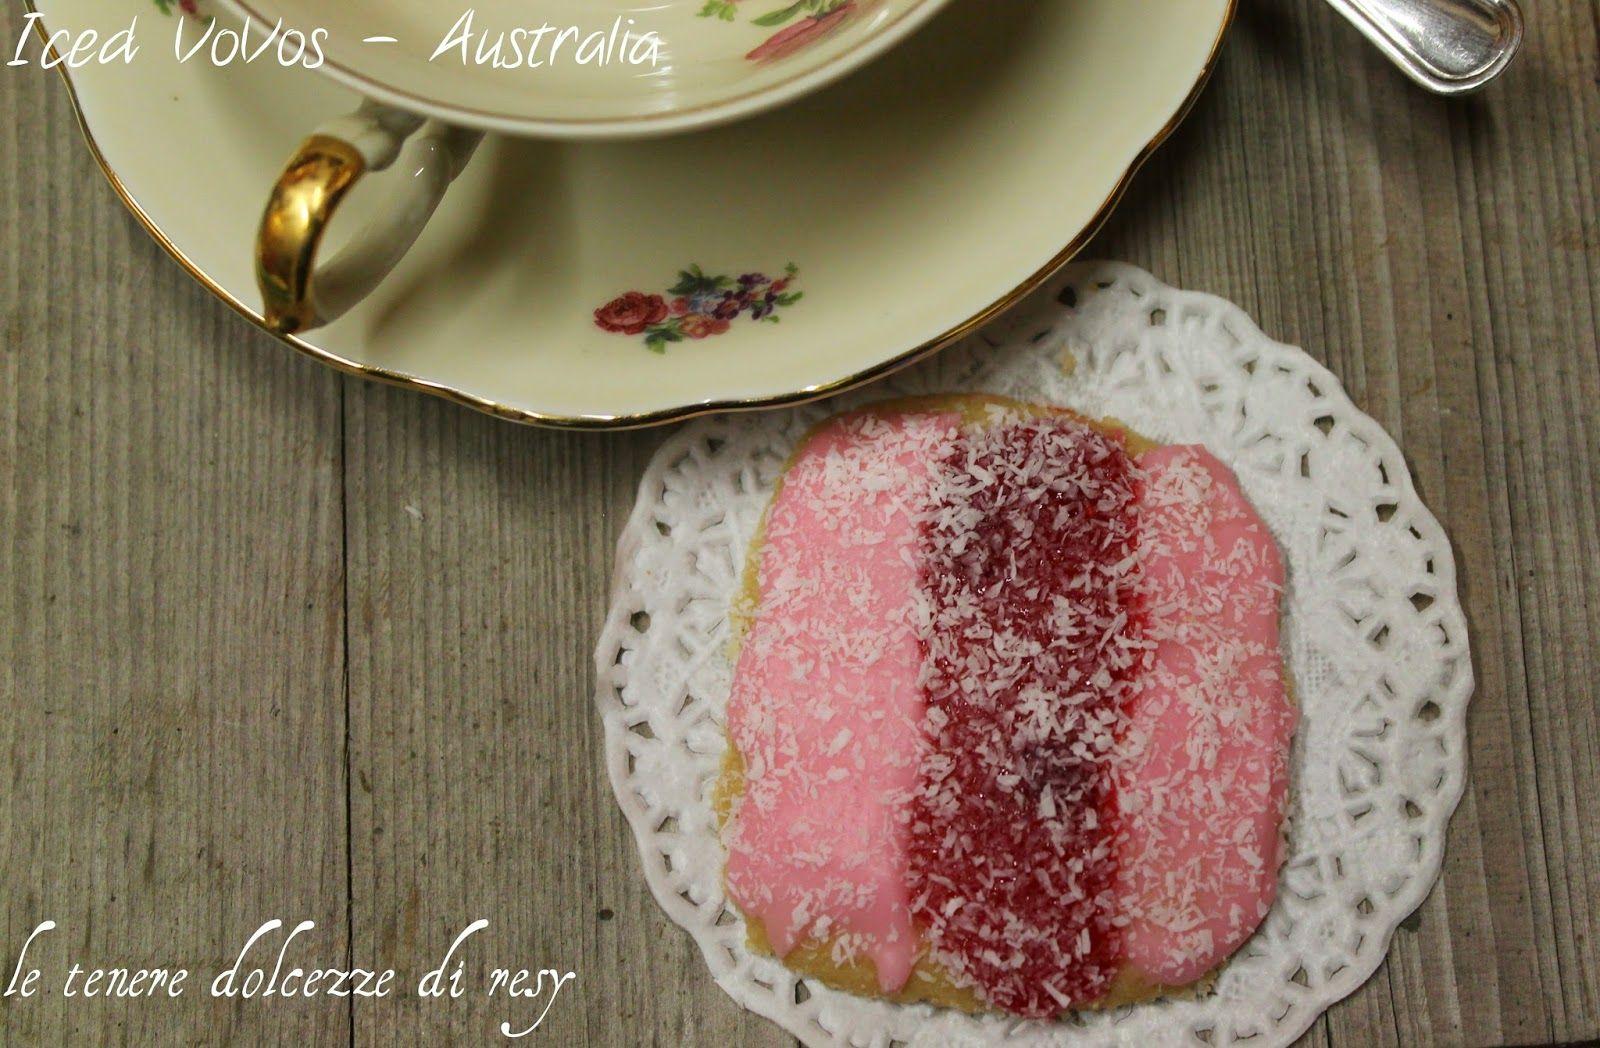 le tenere dolcezze di resy: Homemade Iced Vovo's - i tipici biscotti glassati australiani per accompagnare il tè